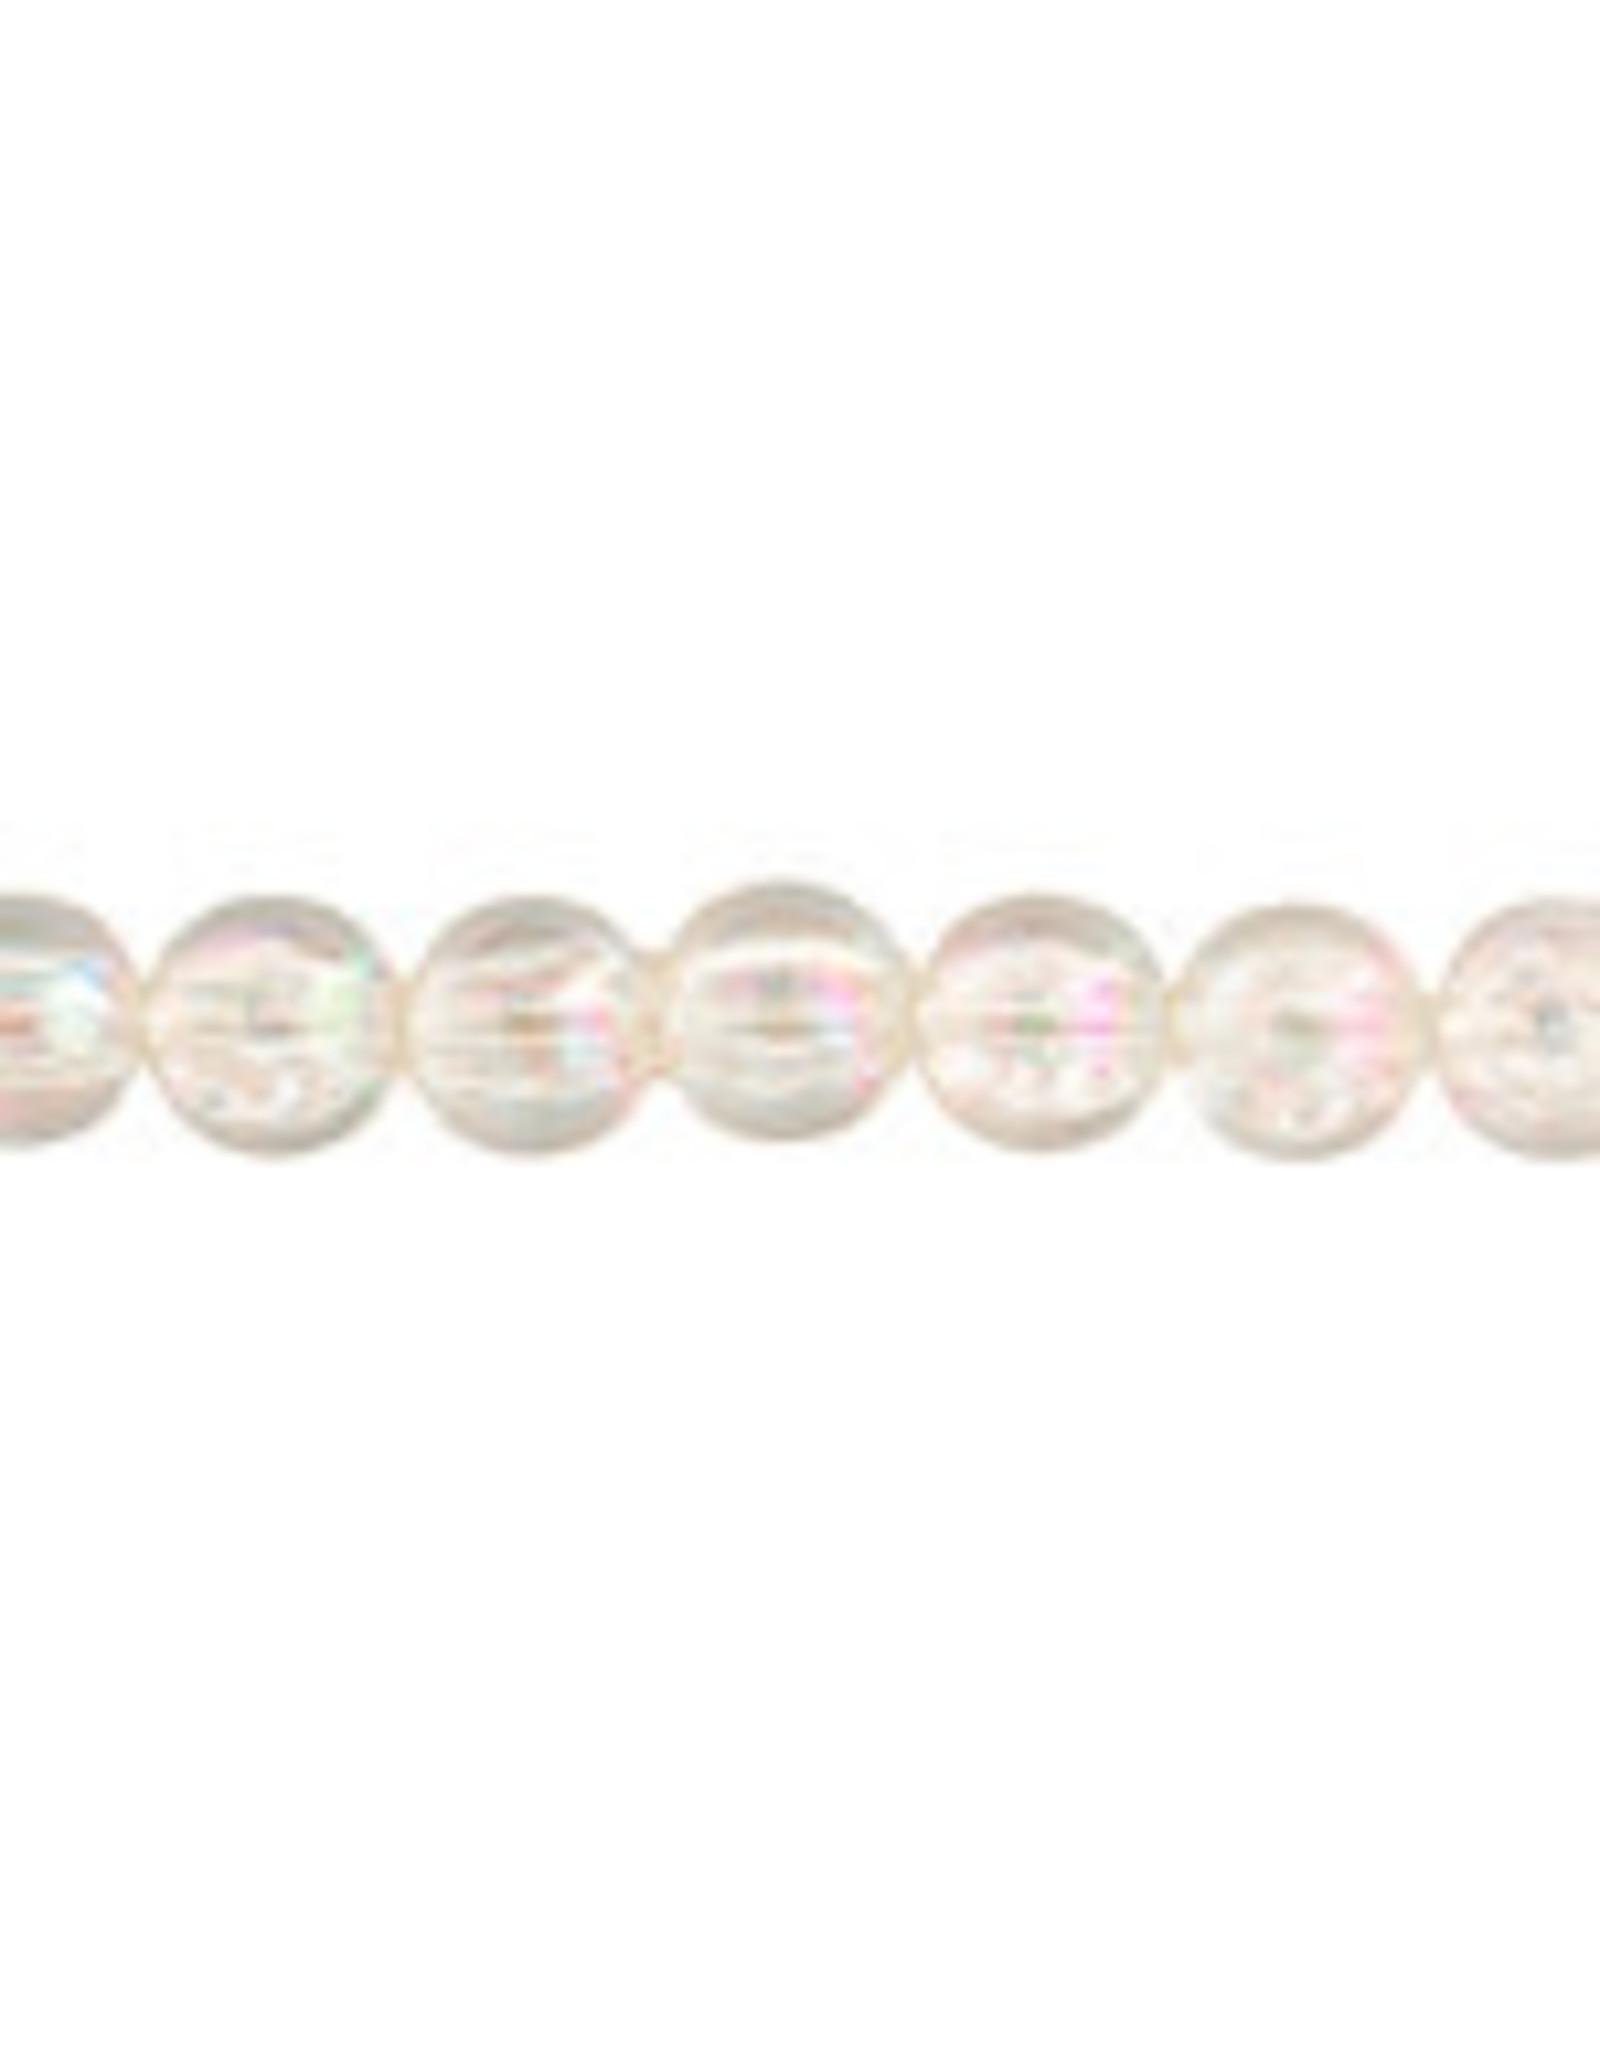 Craft Pearls 5mm Clear AB x250